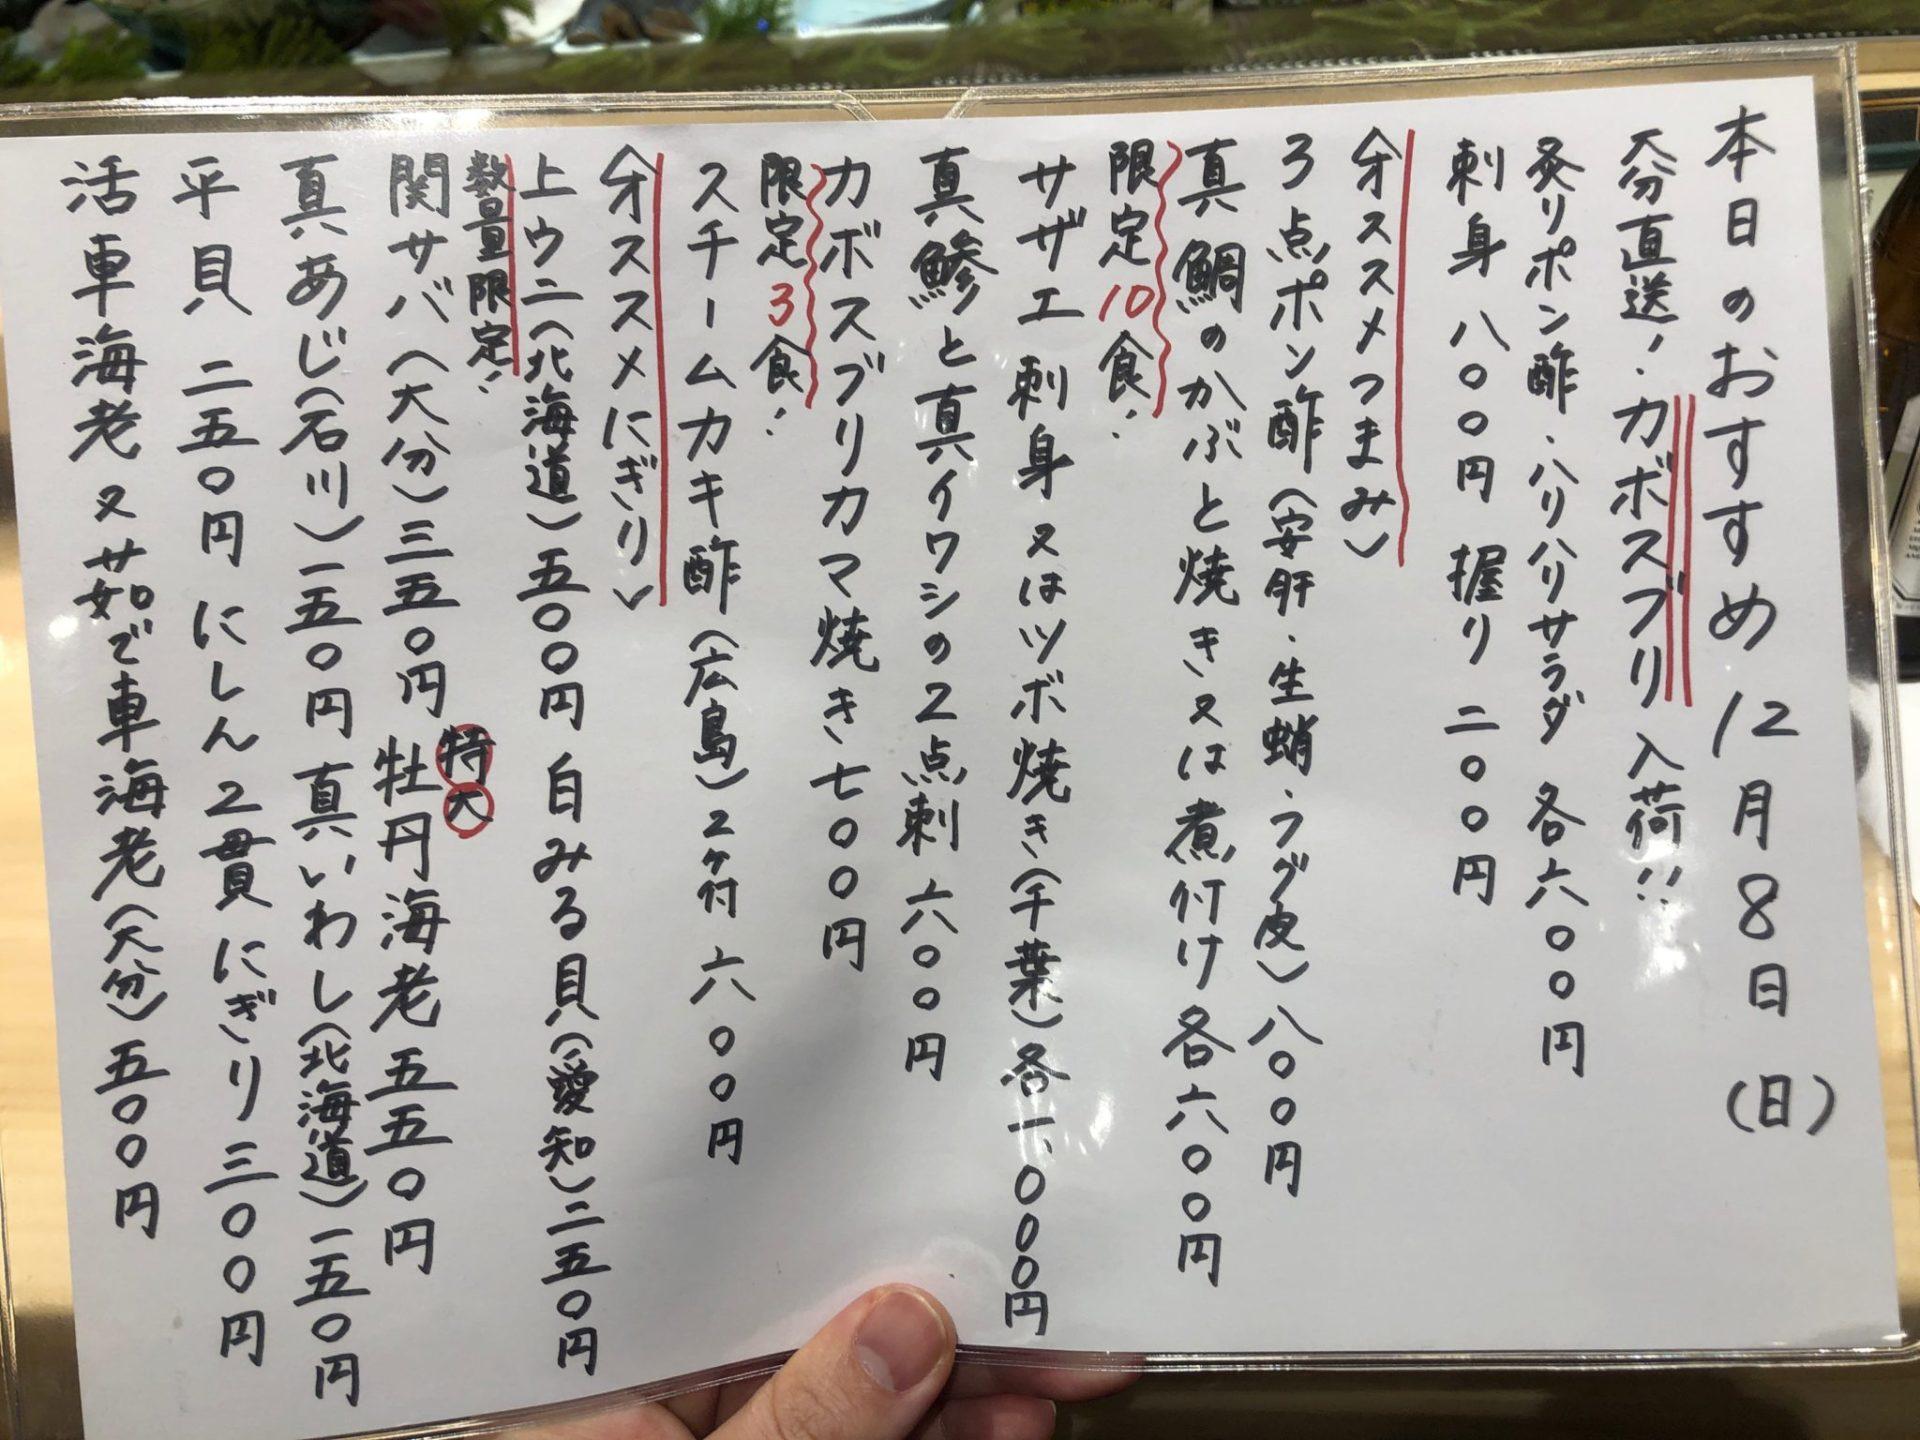 梅ヶ丘の美登利寿司の本日のおすすめメニュー